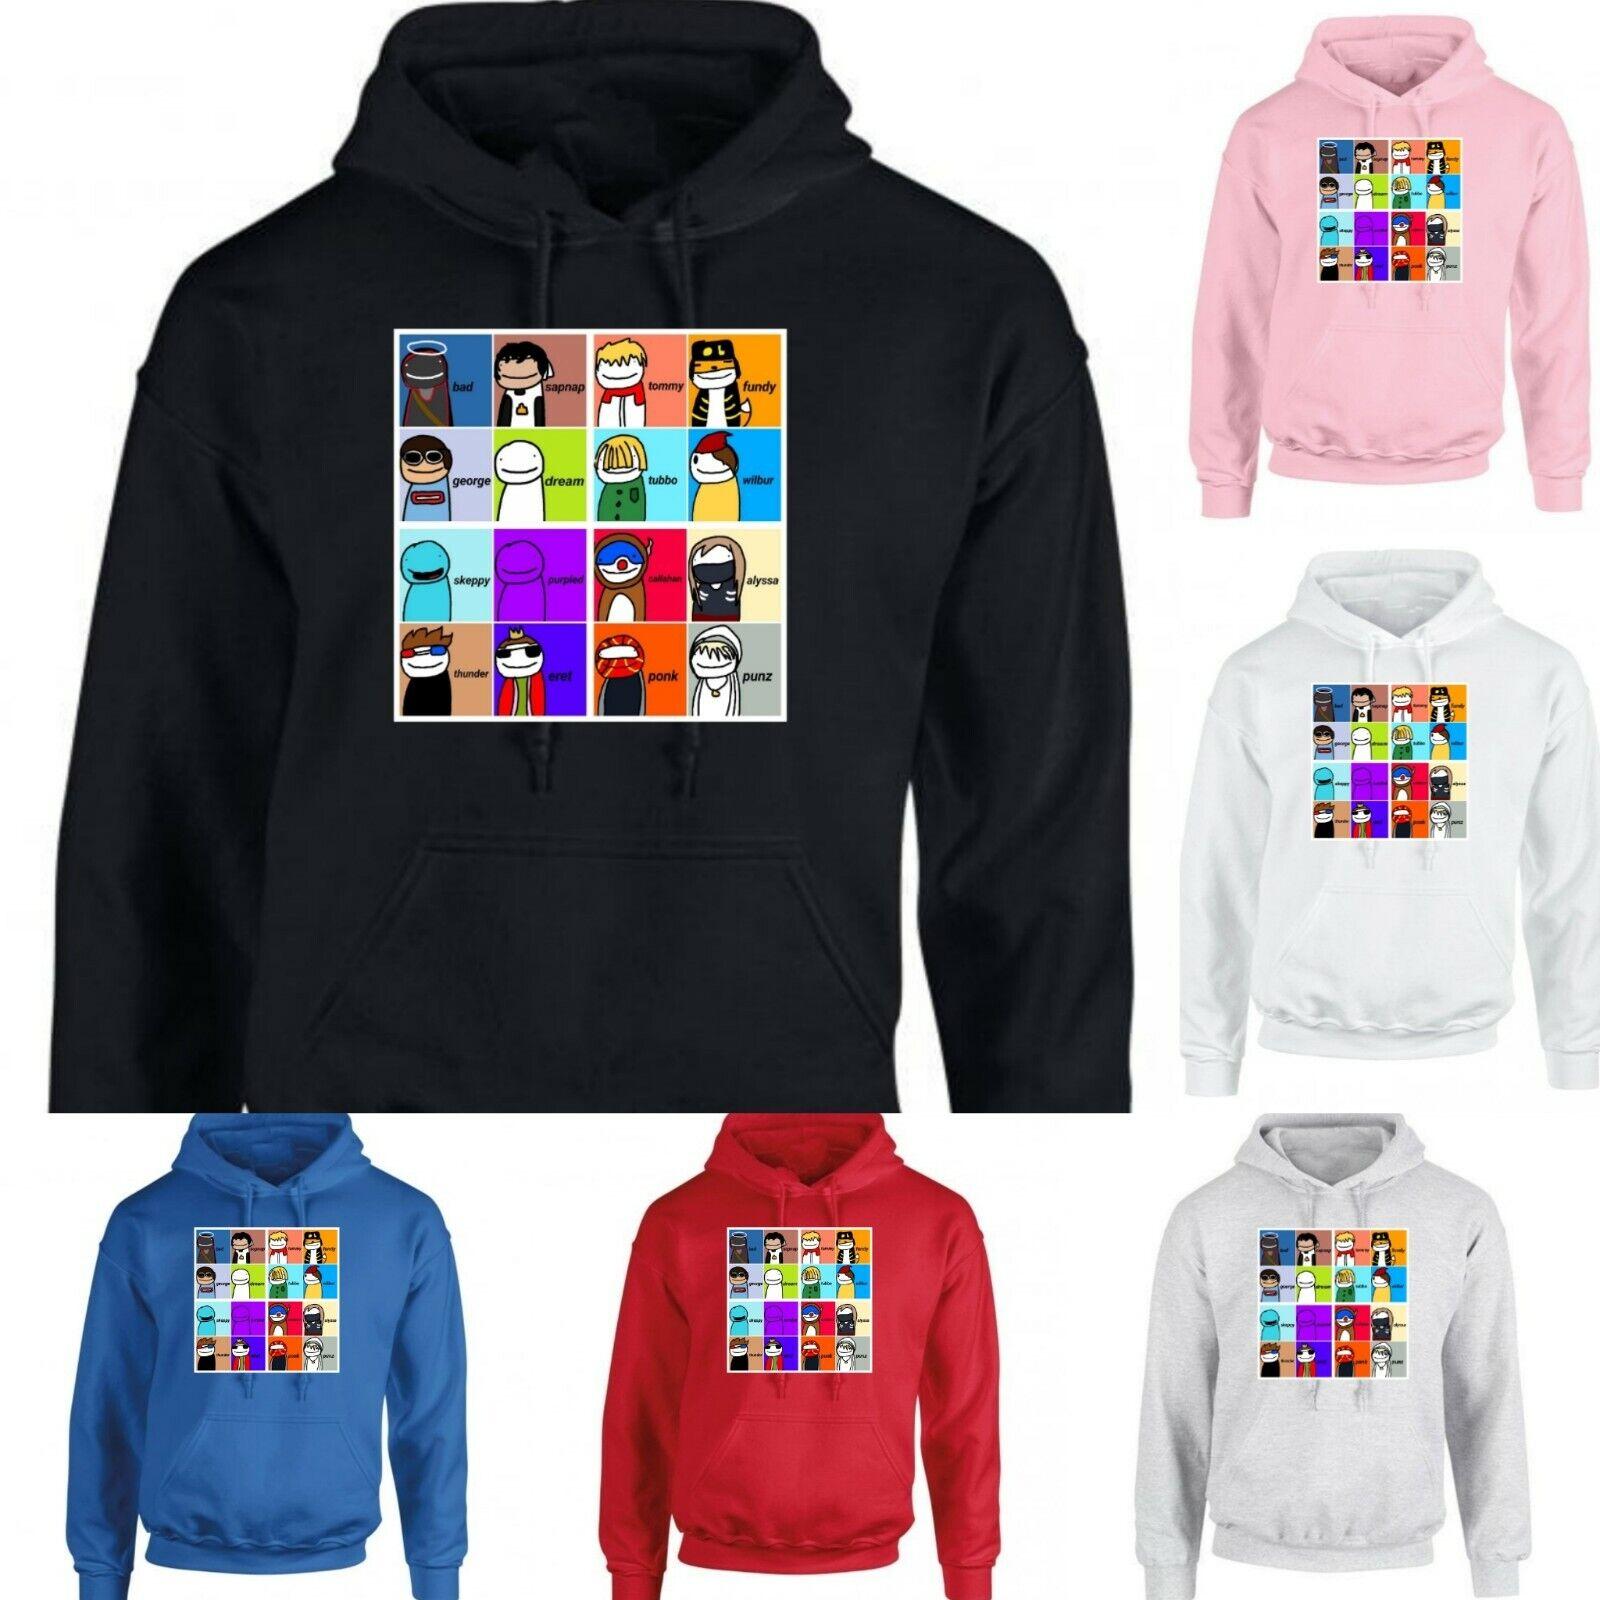 Mugshot Dream SMP team member youtuber gamer boy girl kid's men women hoodie